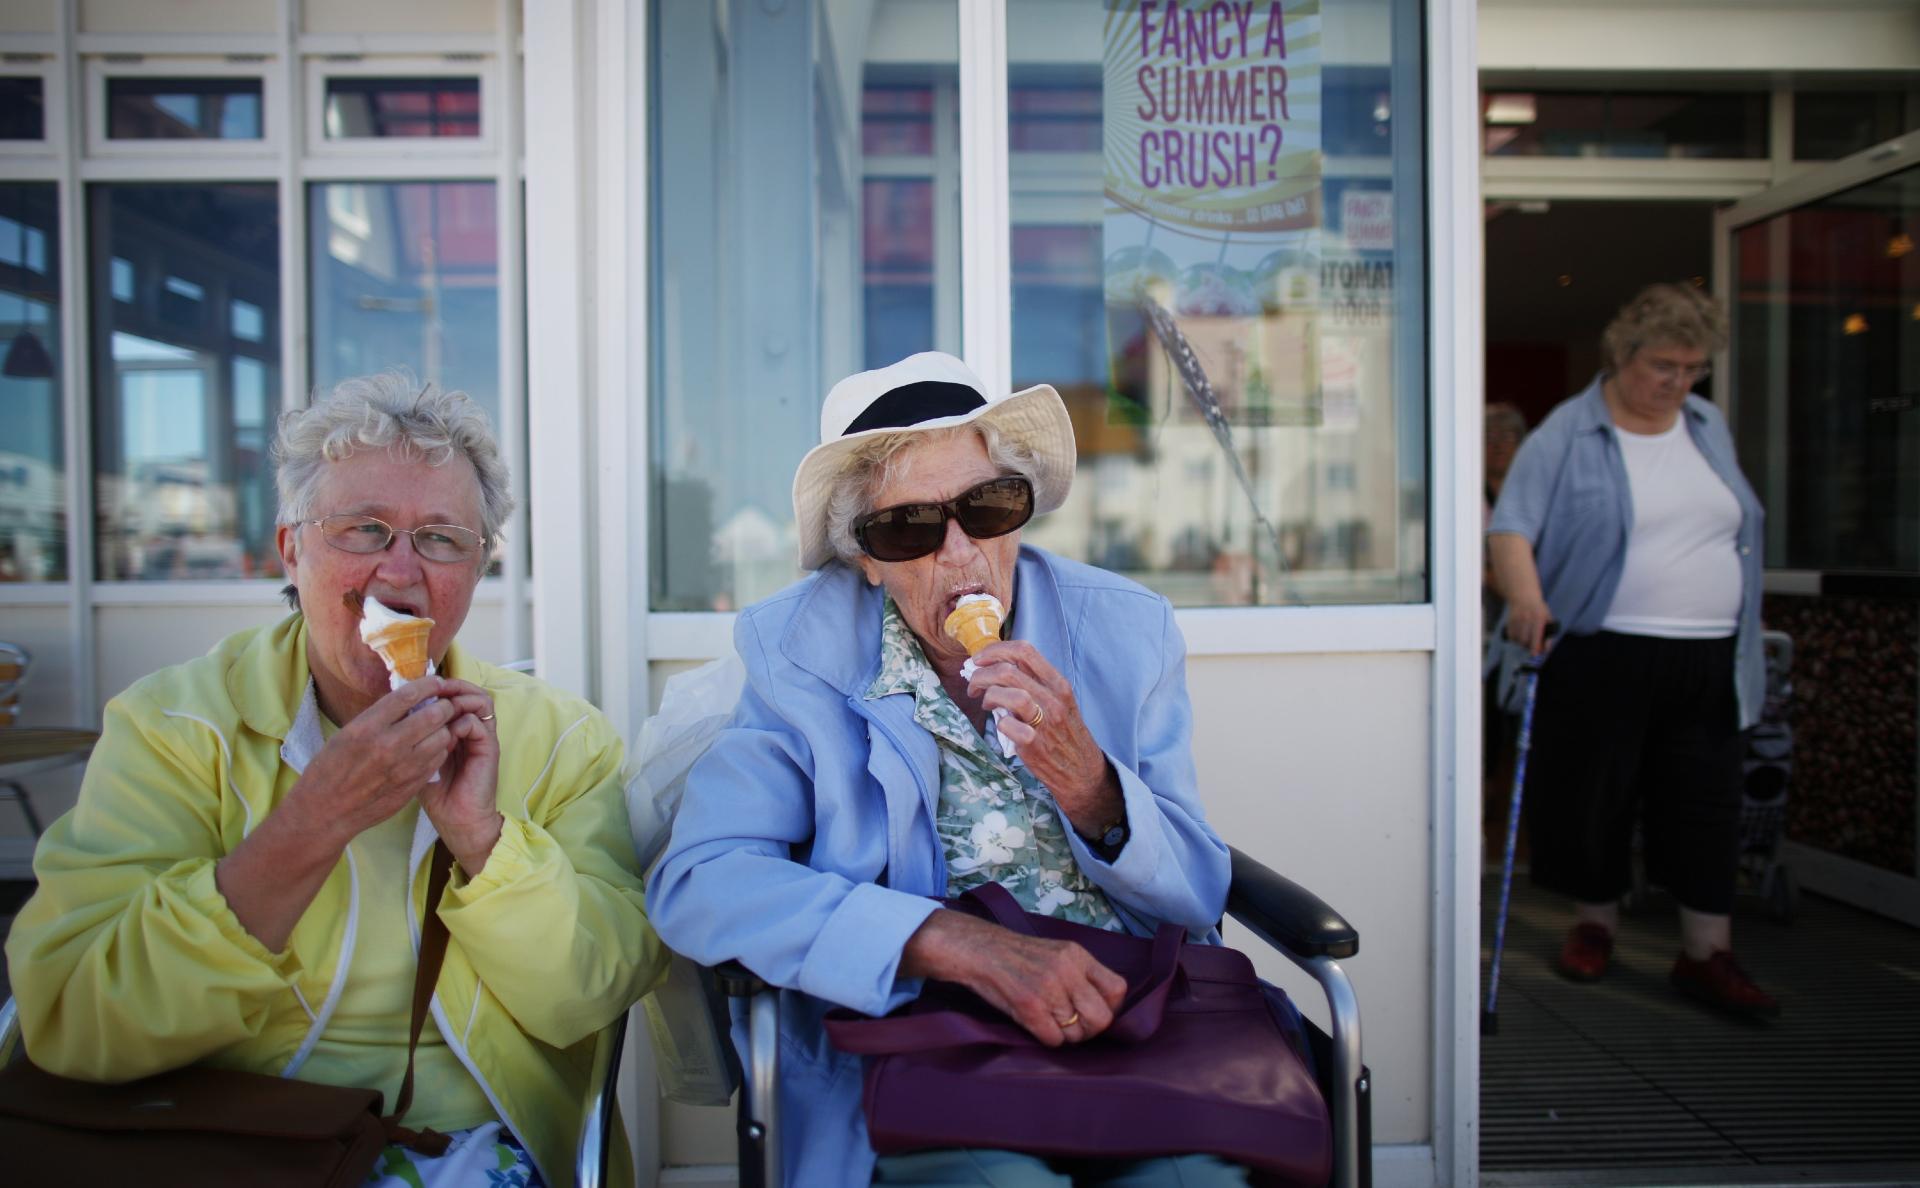 Эксперты назвали июль самым жарким на Земле за всю историю наблюдений